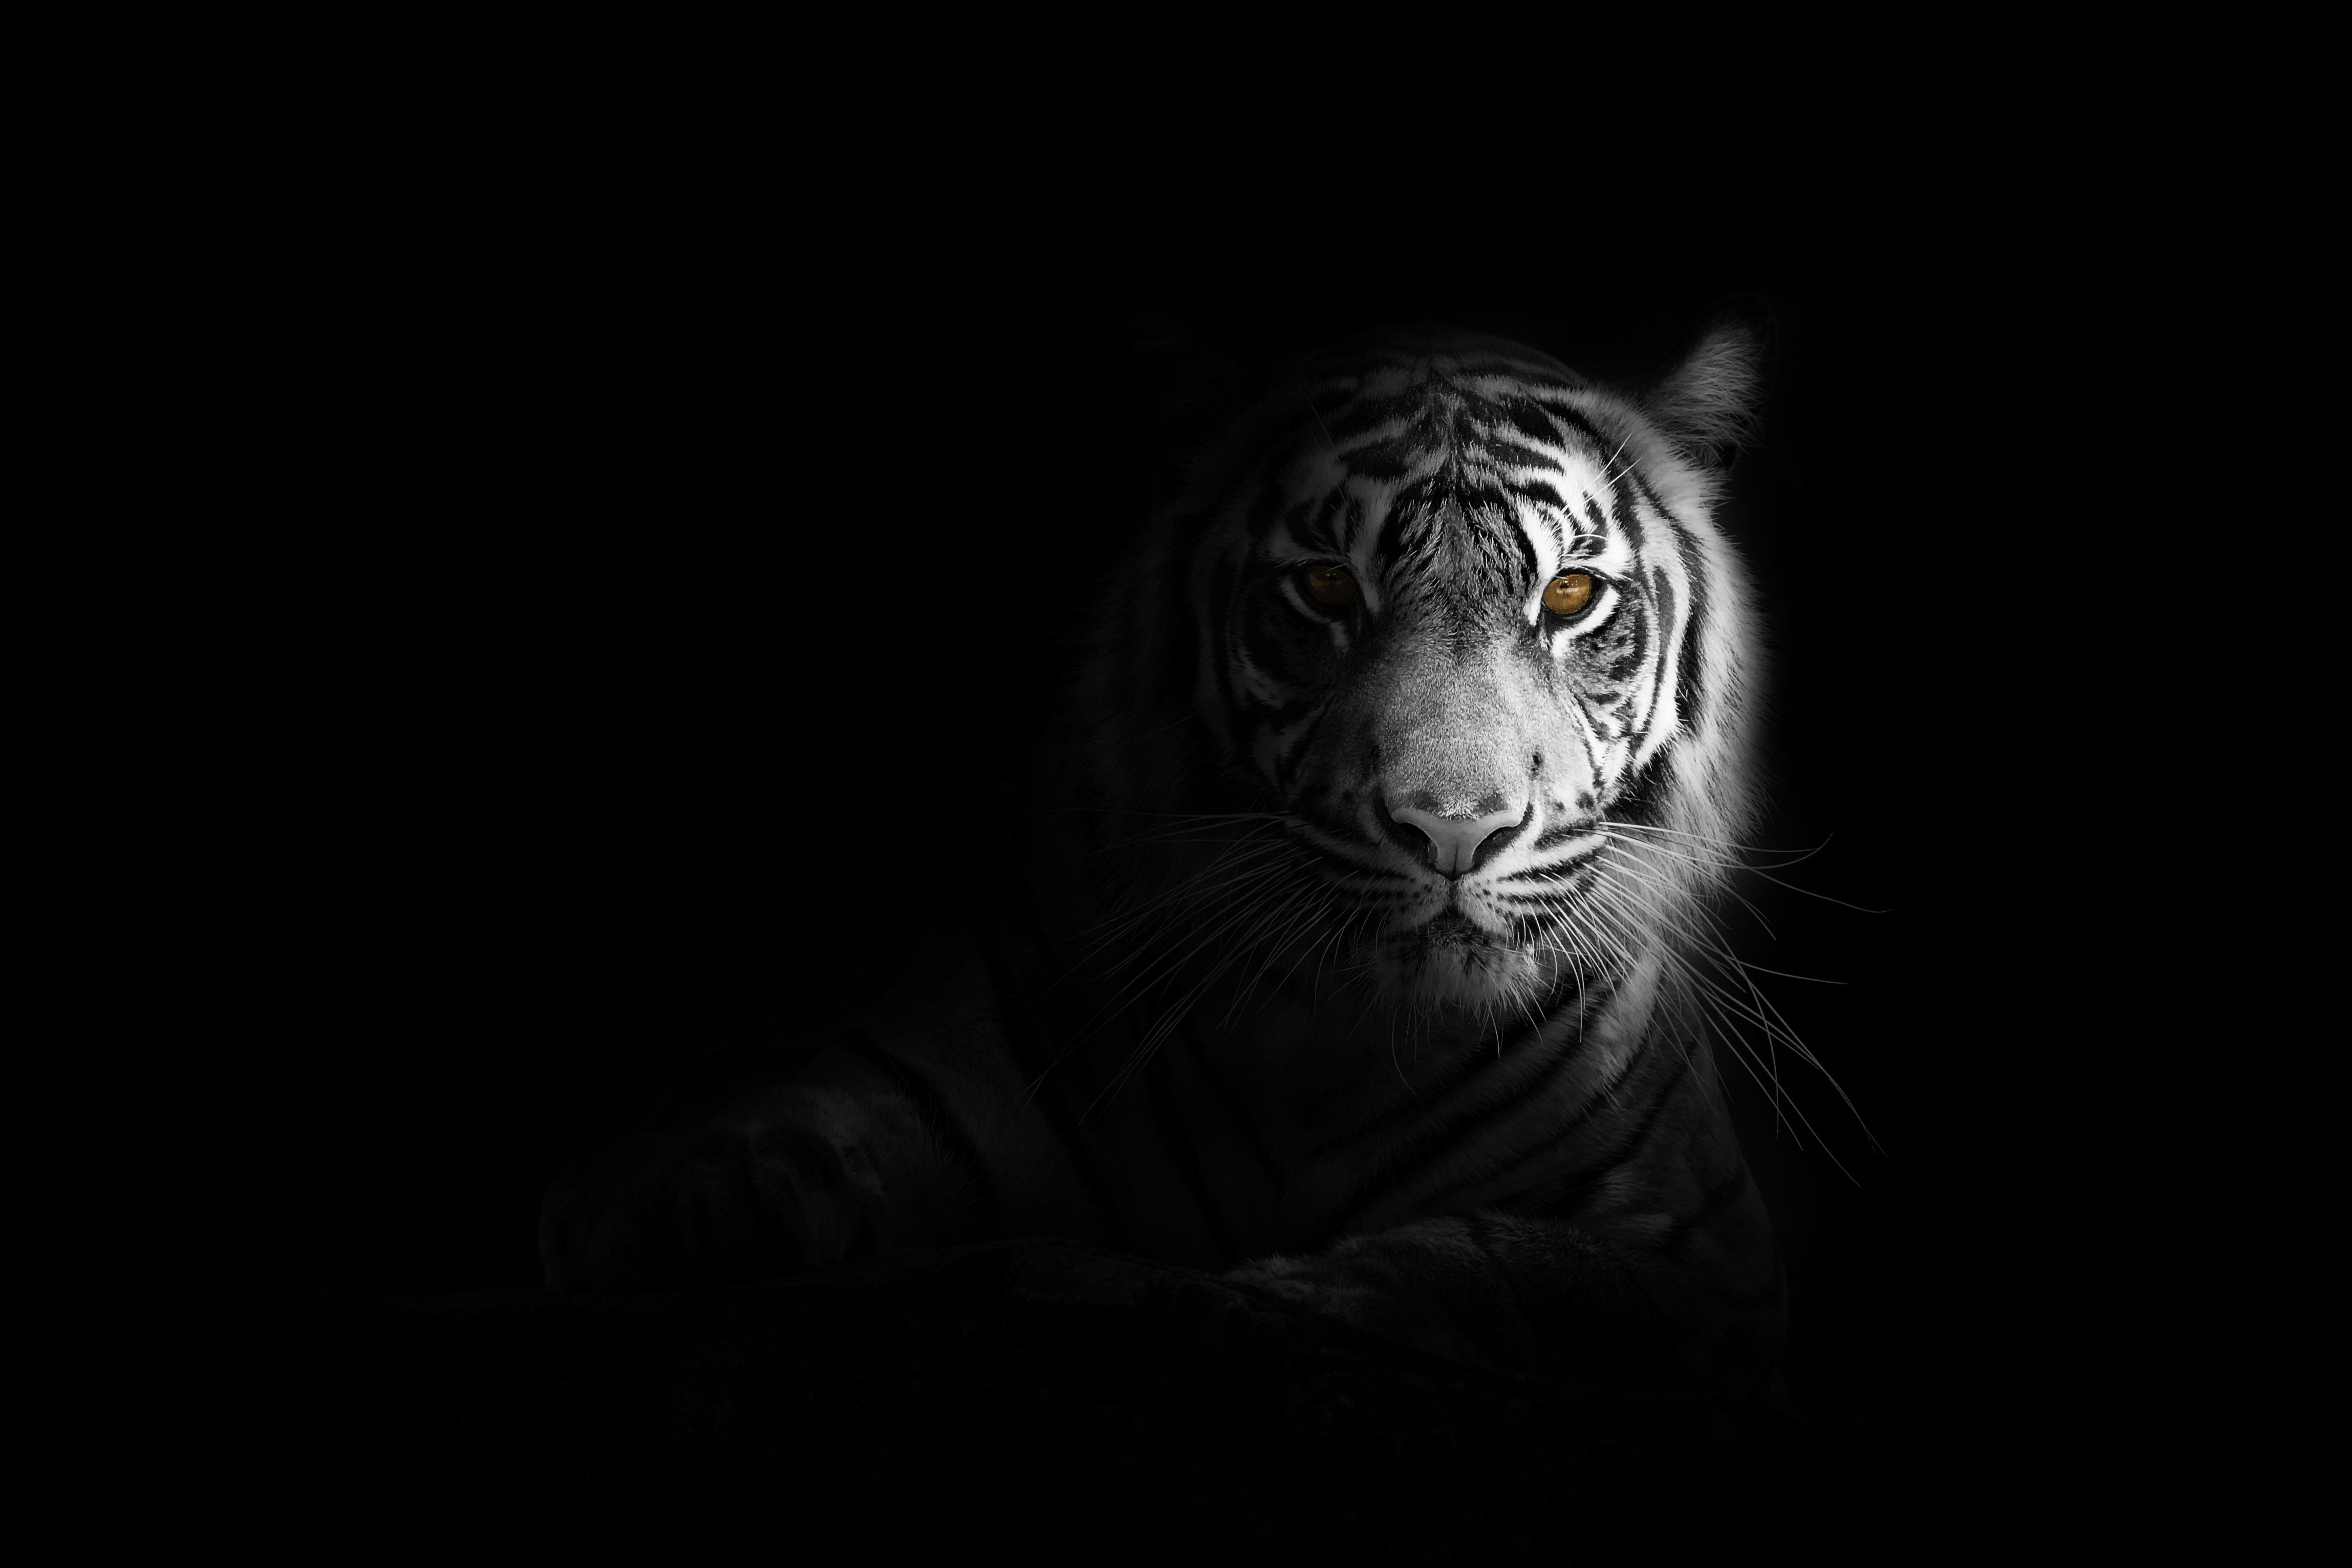 White Tiger 4k Wallpaper Bengal Tiger Black Background 5k Animals 1526